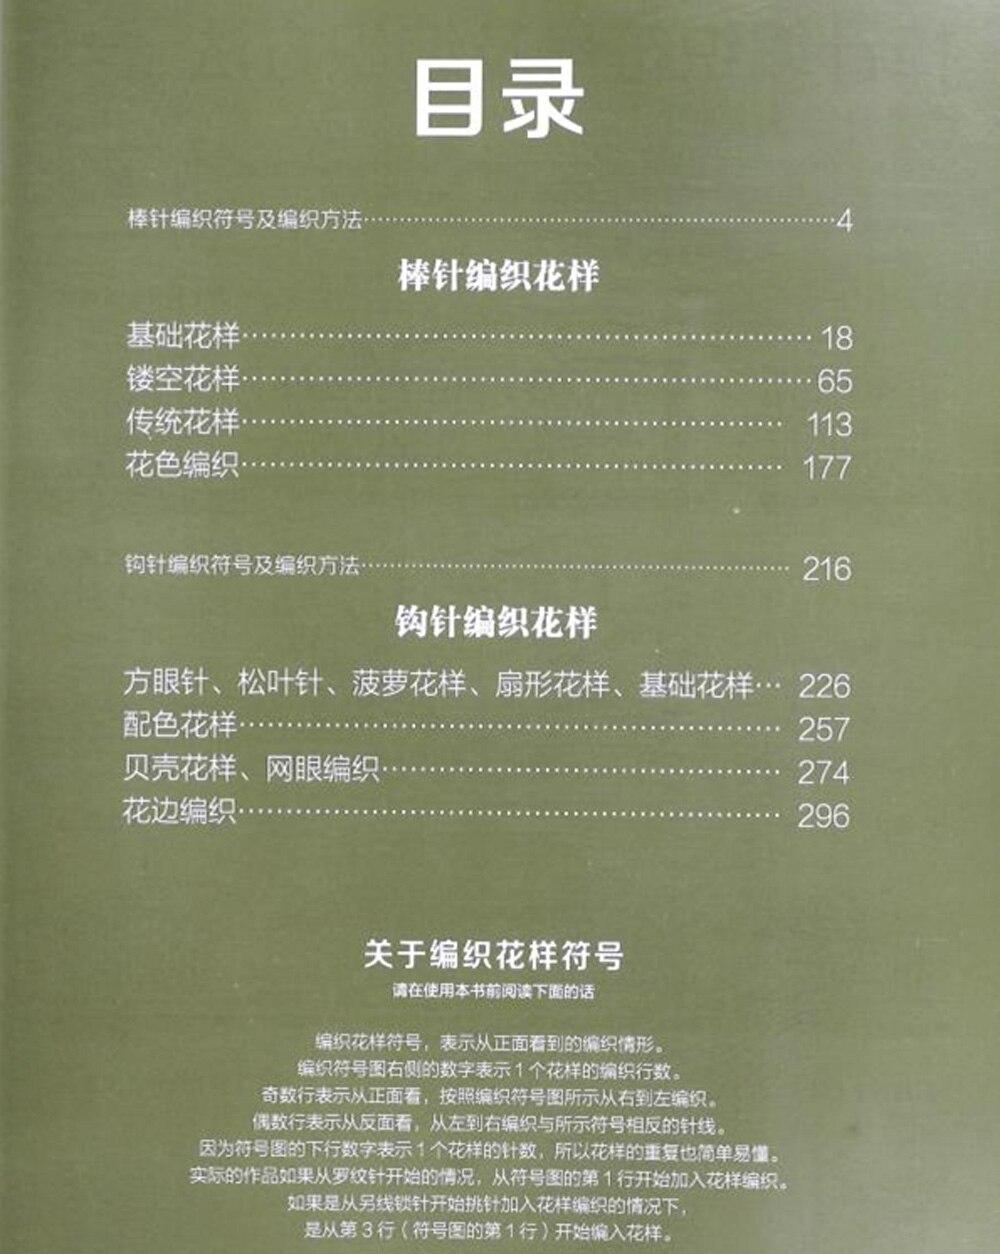 Japaneseապոնական տրիկոտաժի նմուշների - Գրքեր - Լուսանկար 2